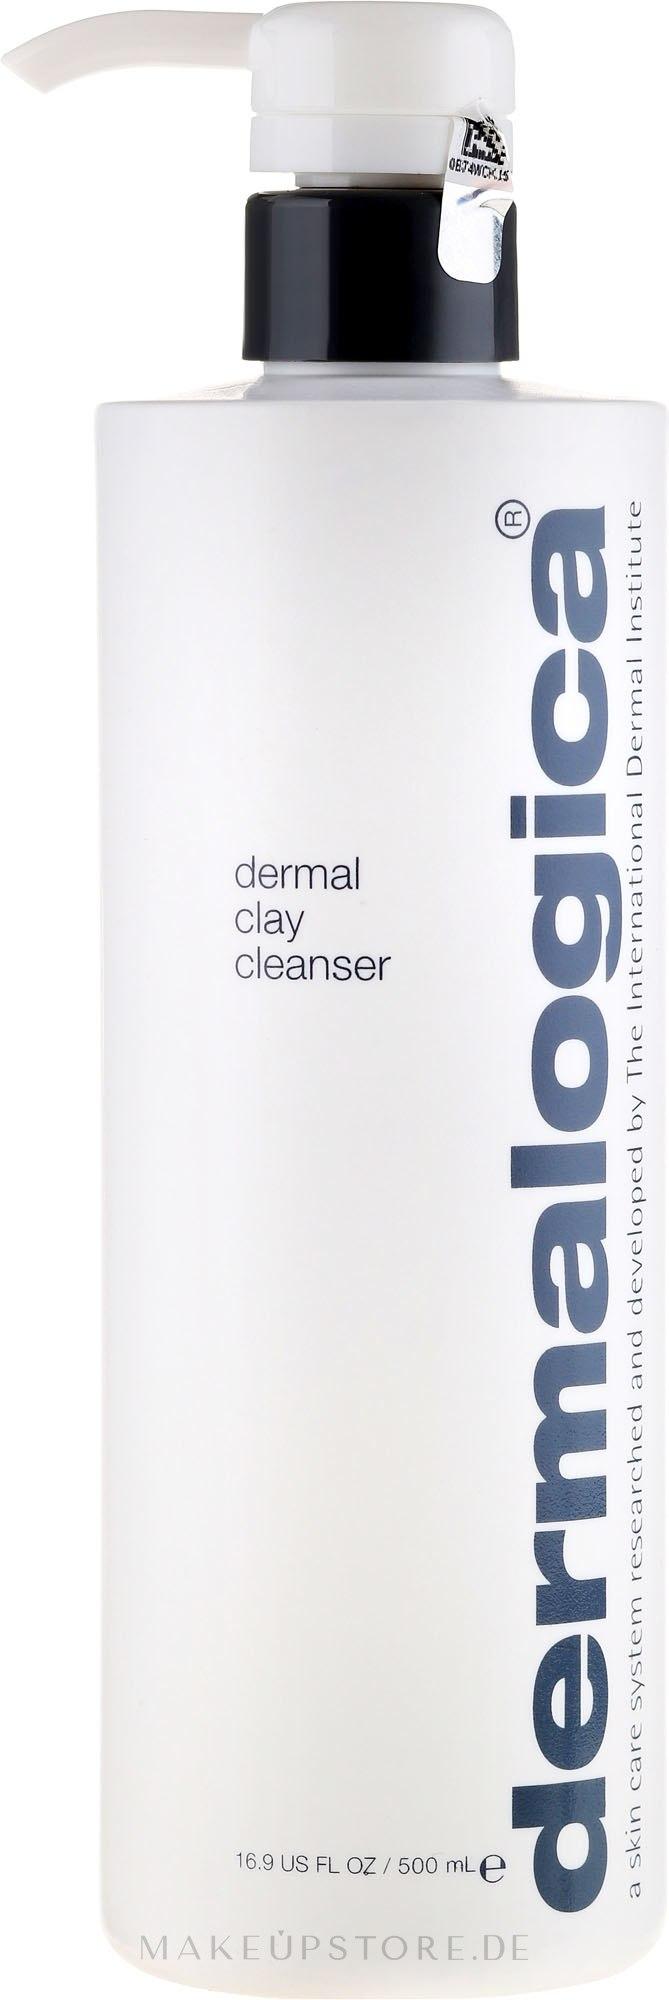 Erfrischendes und tiefenreinigendes Gesichtsgel - Dermalogica Dermal Clay Cleanser (mit Spender) — Bild 500 ml